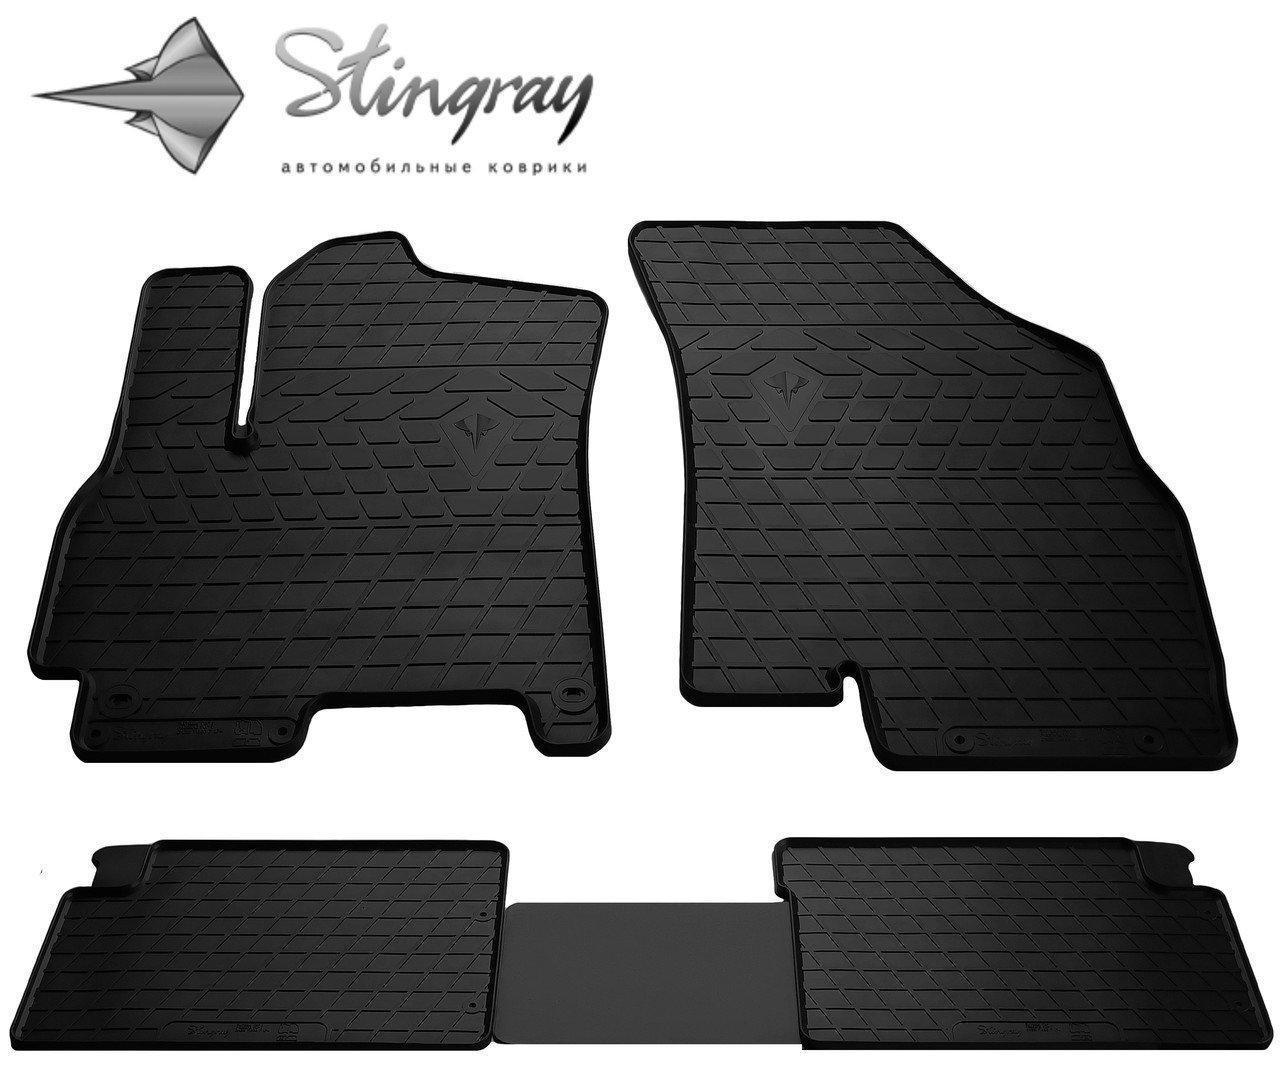 Автомобильные коврики для Chery Tiggo 8 2019- Stingray